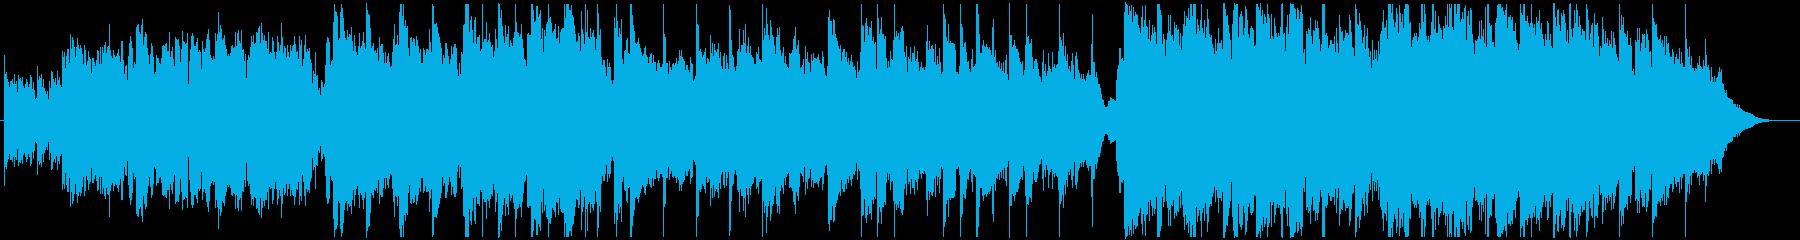 アコースティック楽器による優しいBGMの再生済みの波形